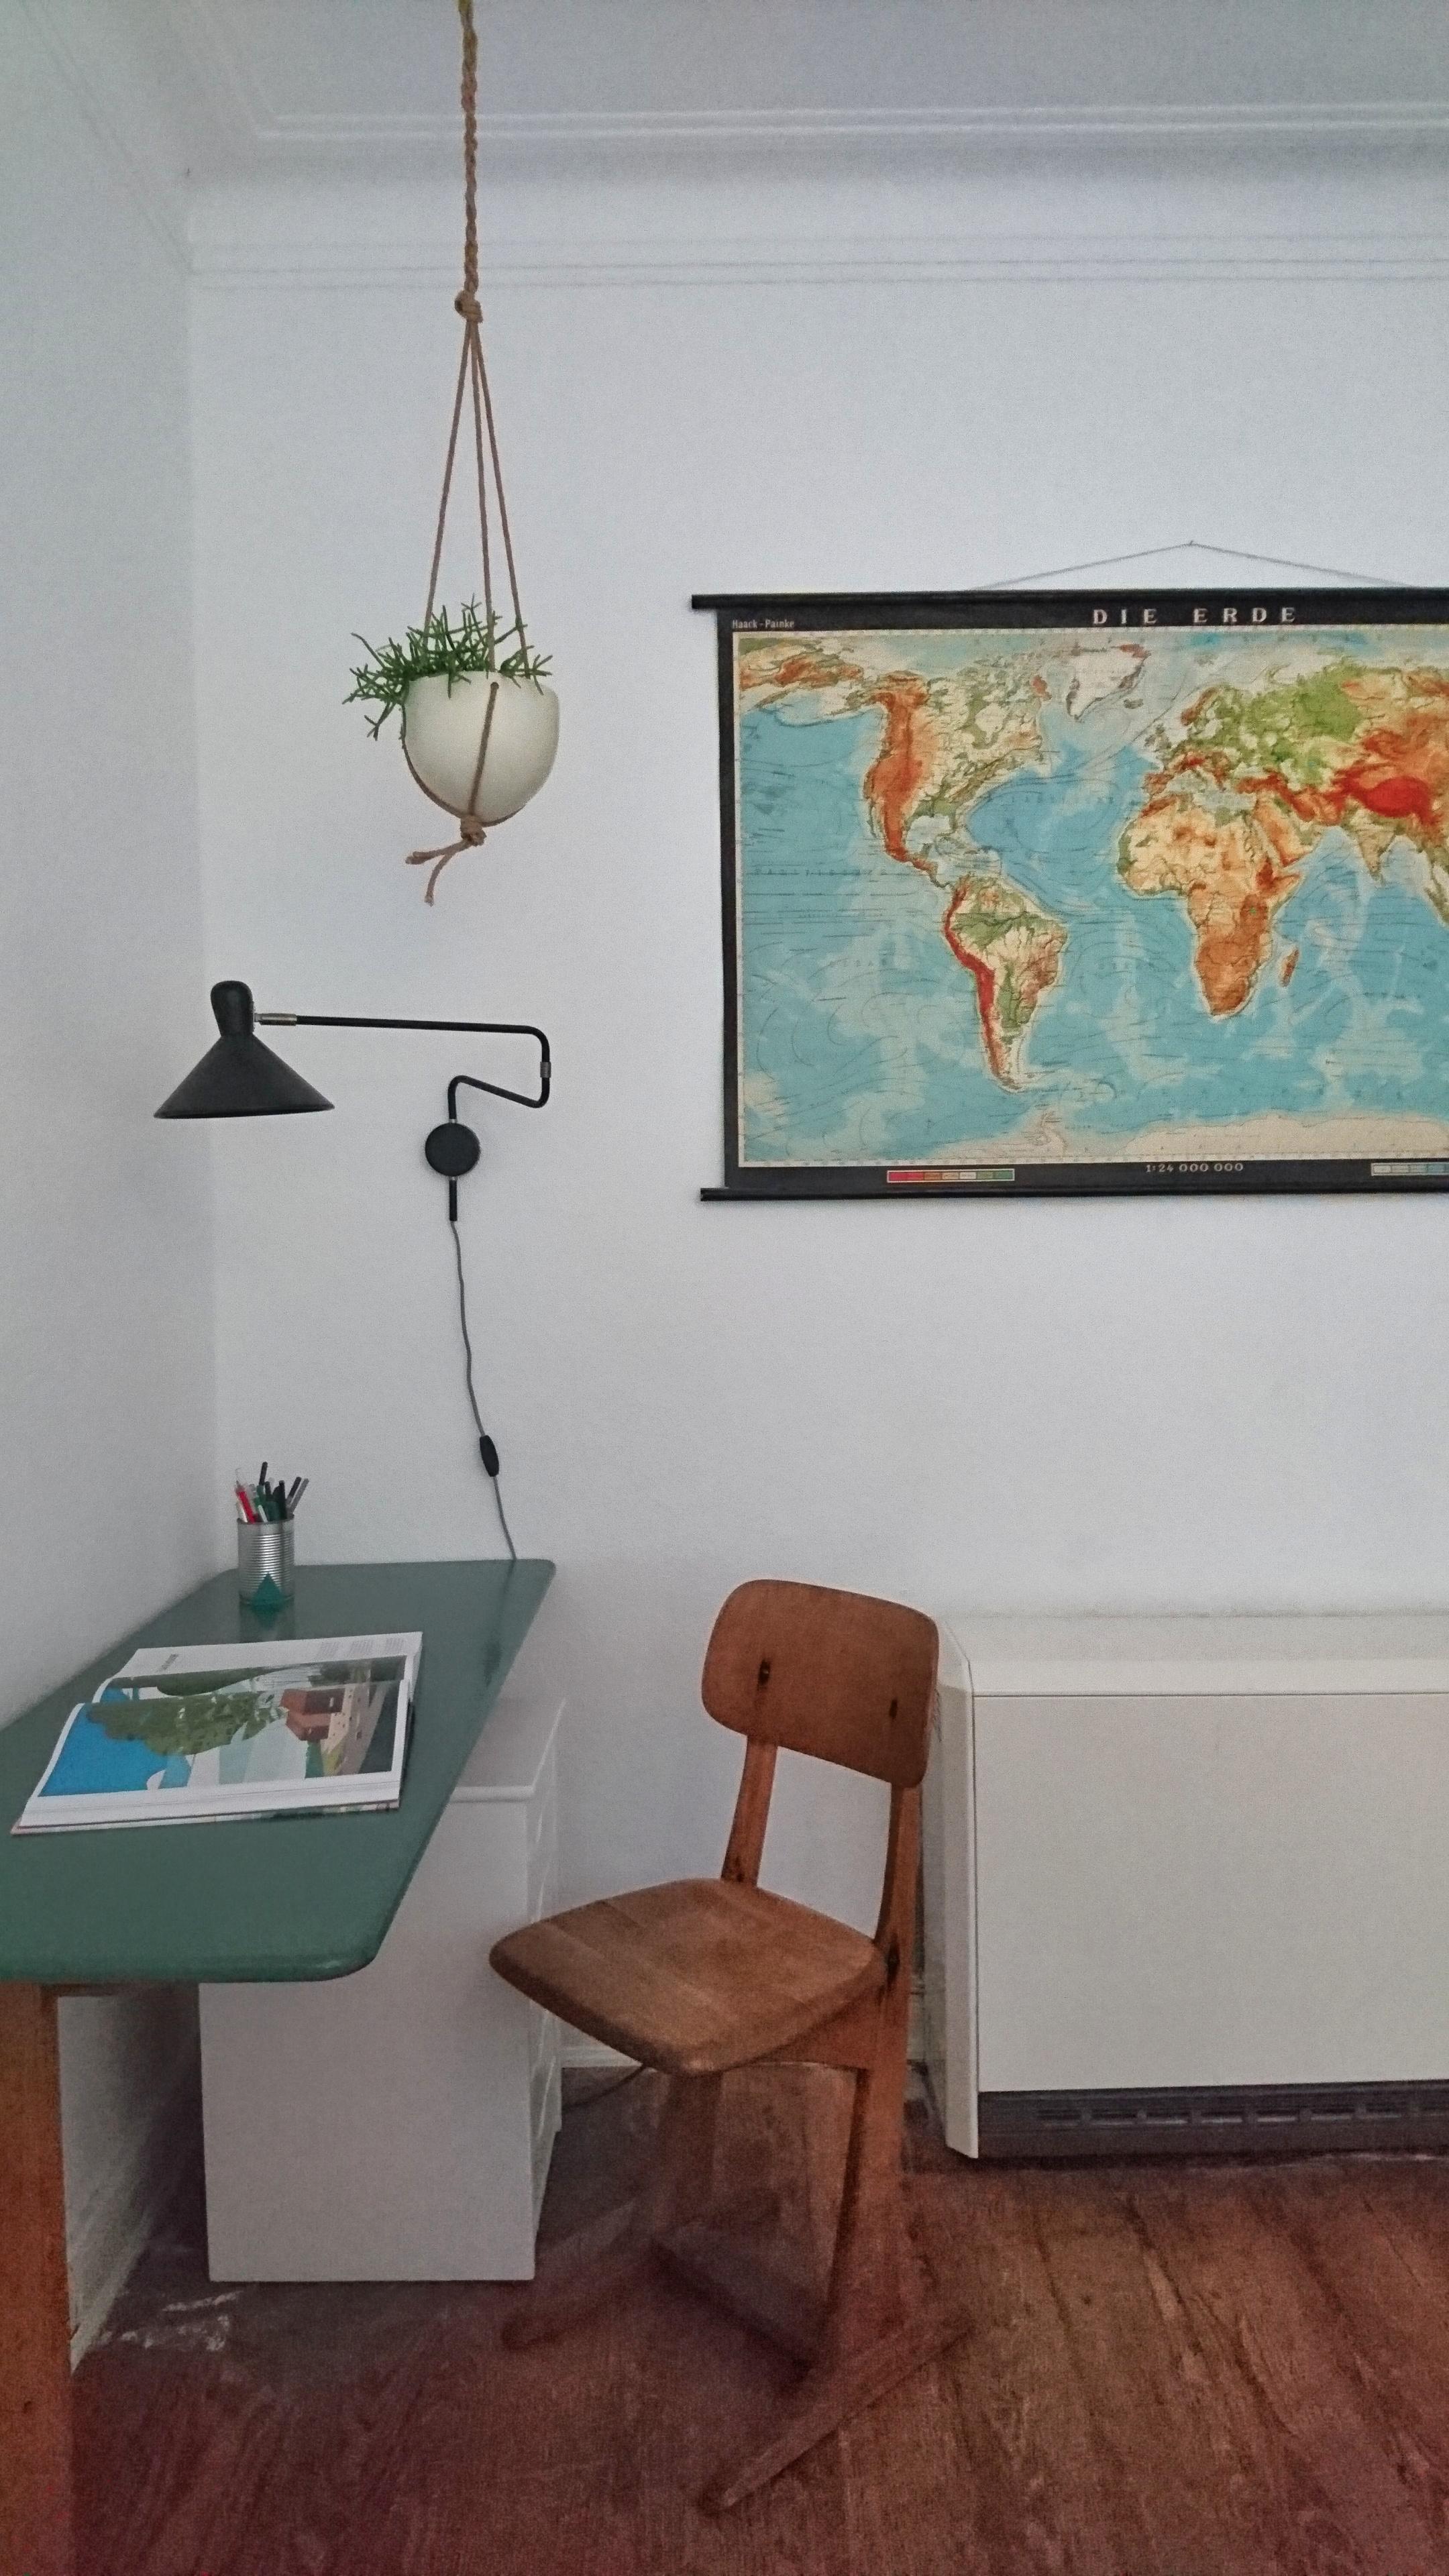 Vintage schreibtisch bilder ideen couchstyle for Schreibtisch ideen